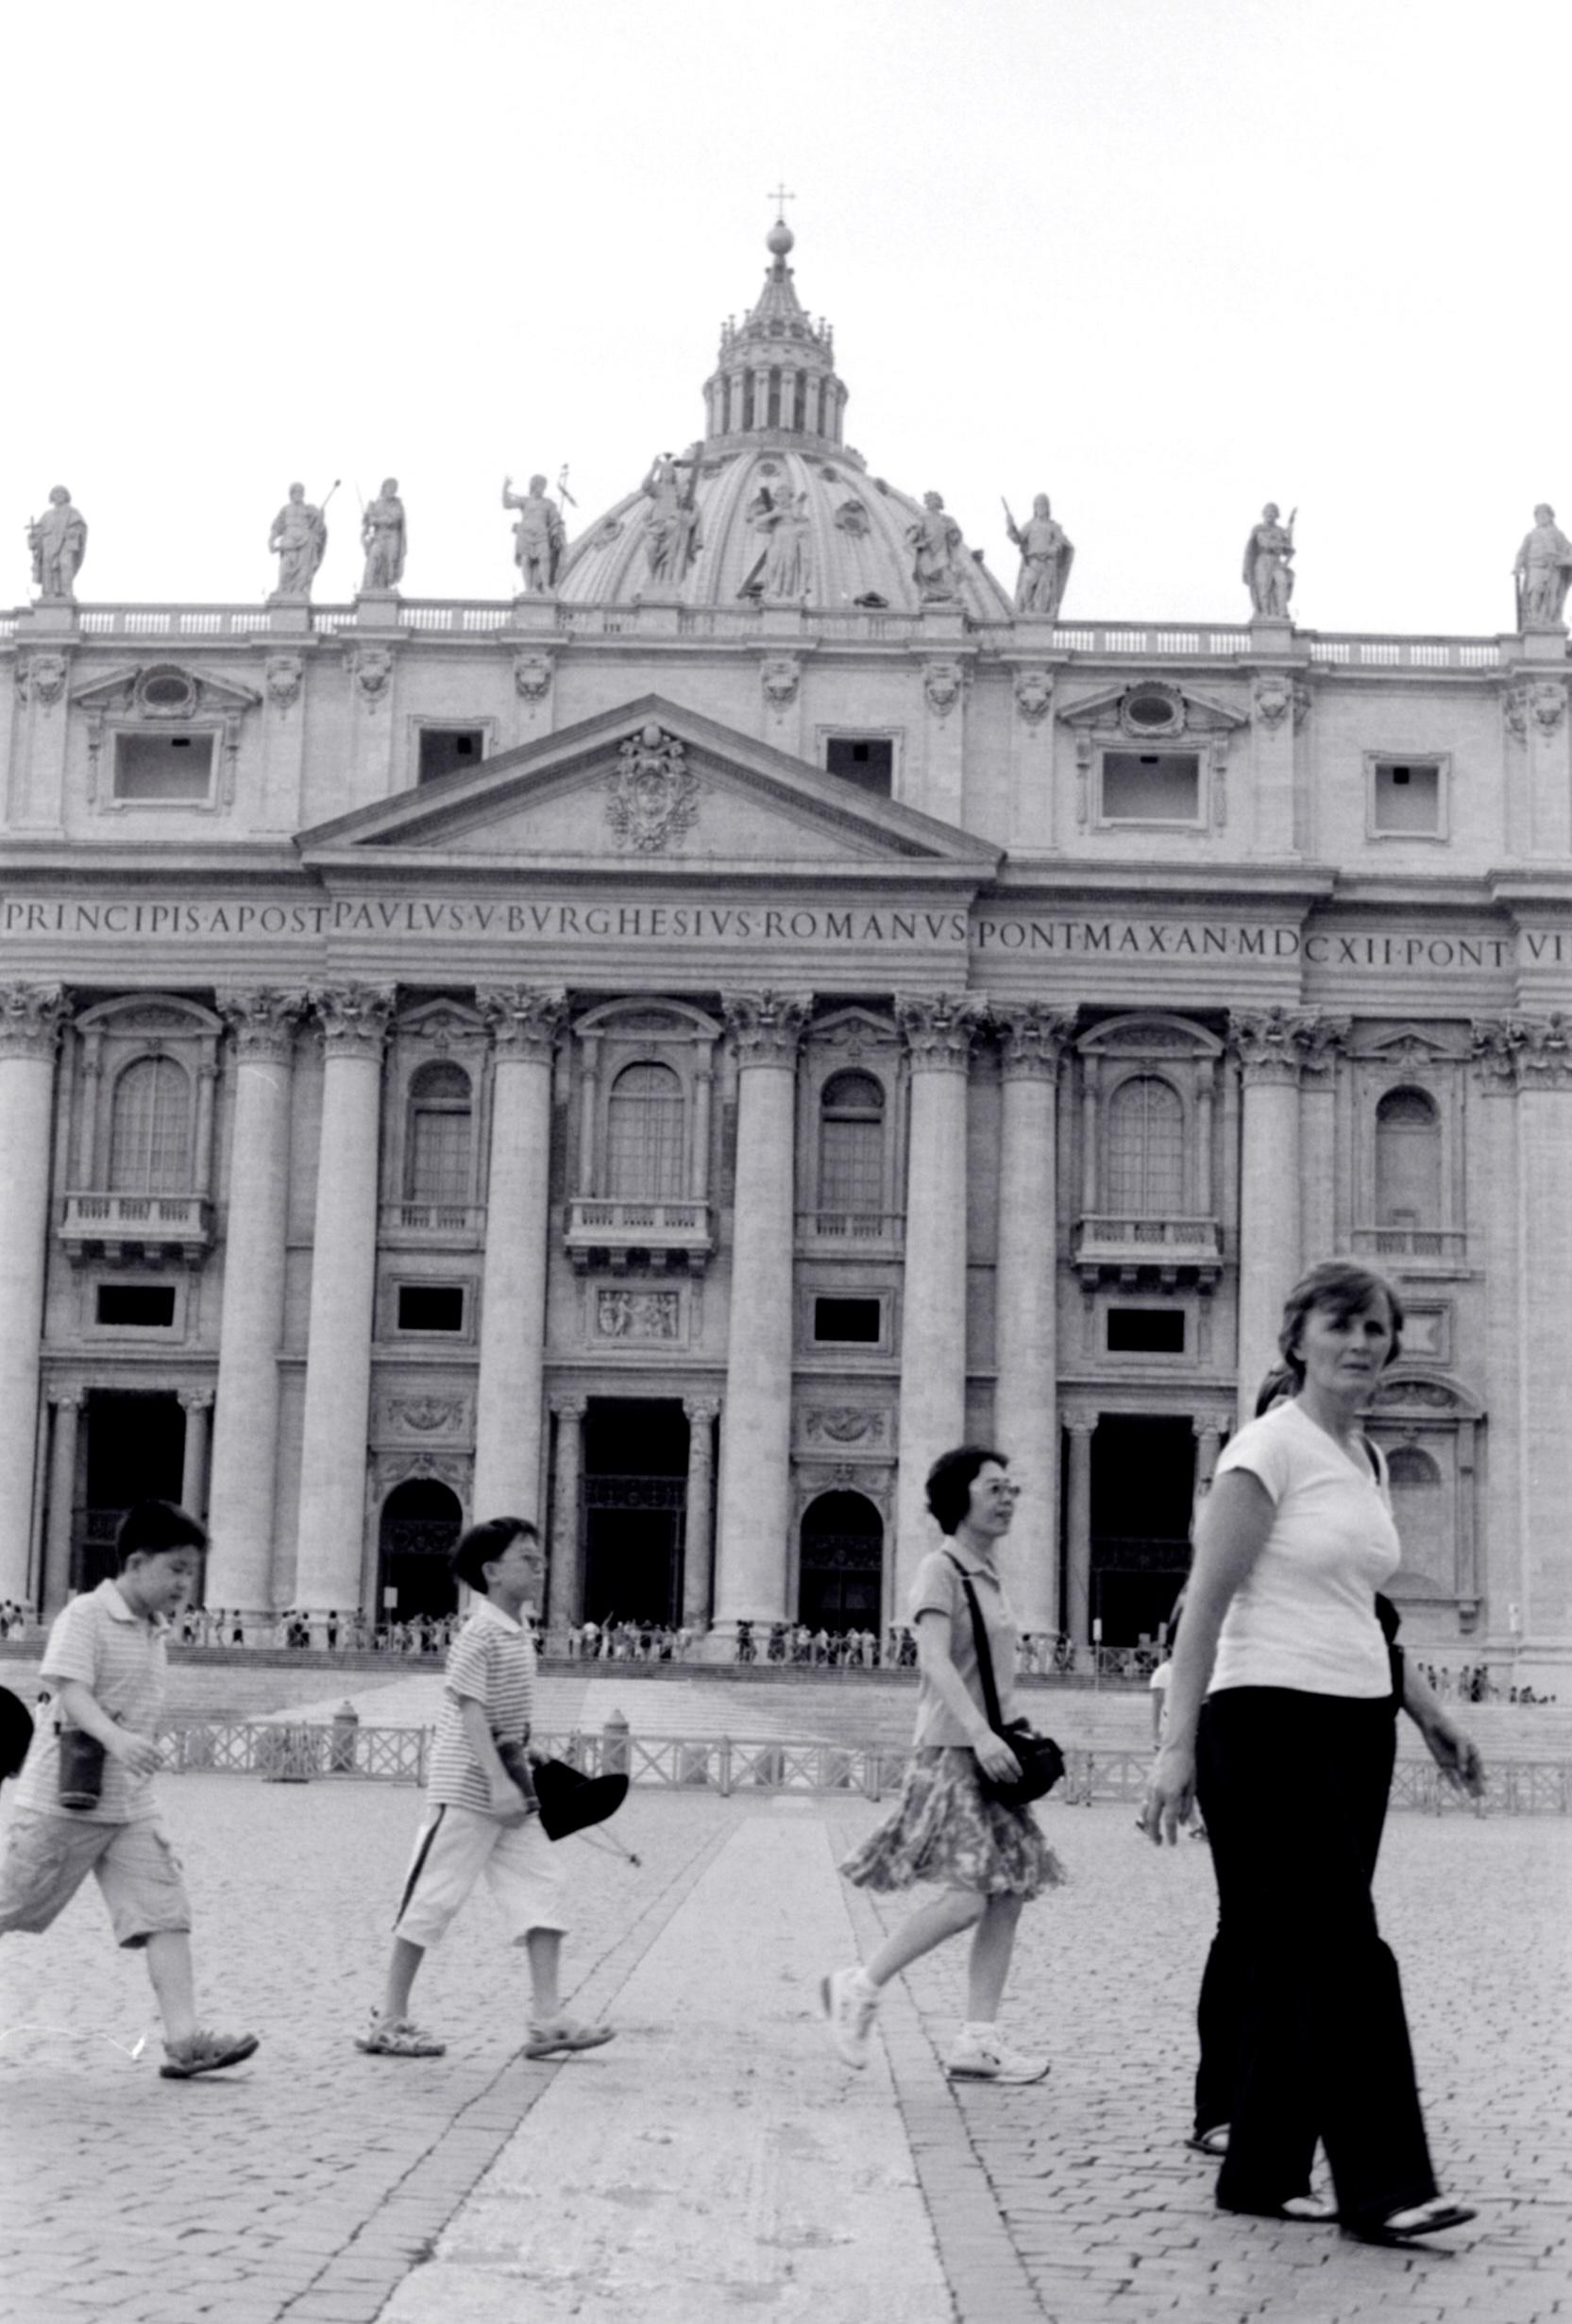 051_VaticanTour.jpg